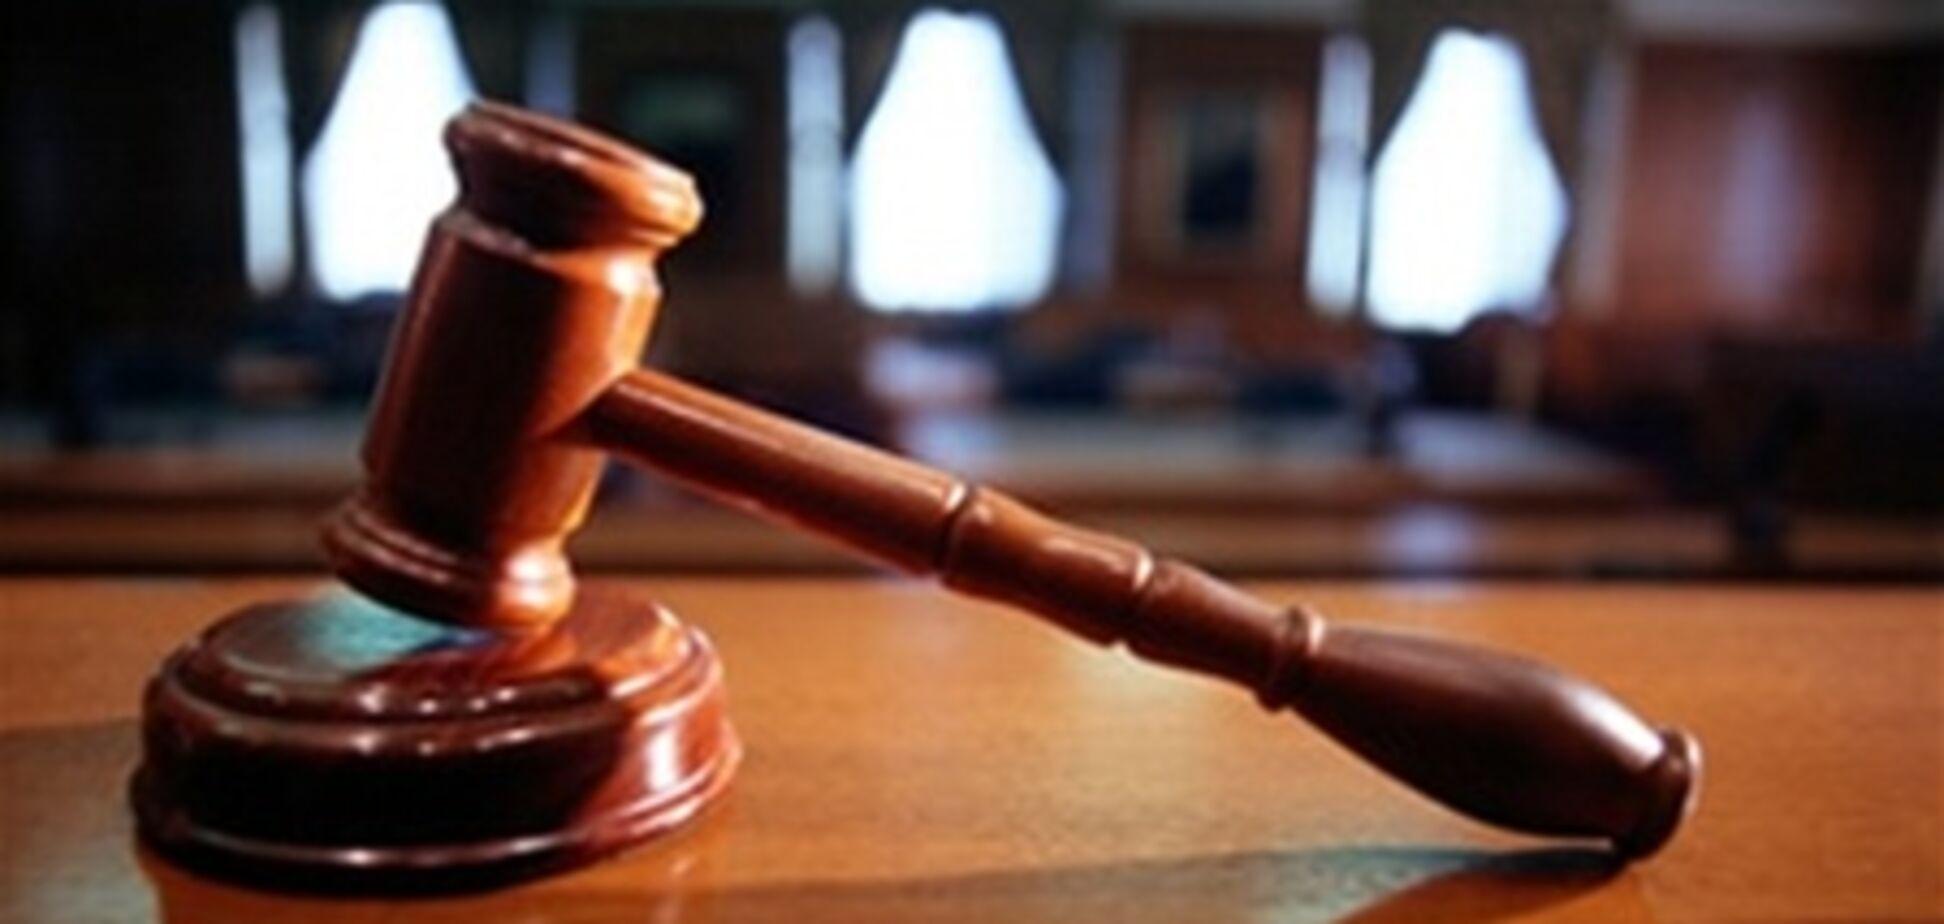 Из-за квартир и денег киевские дети подают на родителей в суд